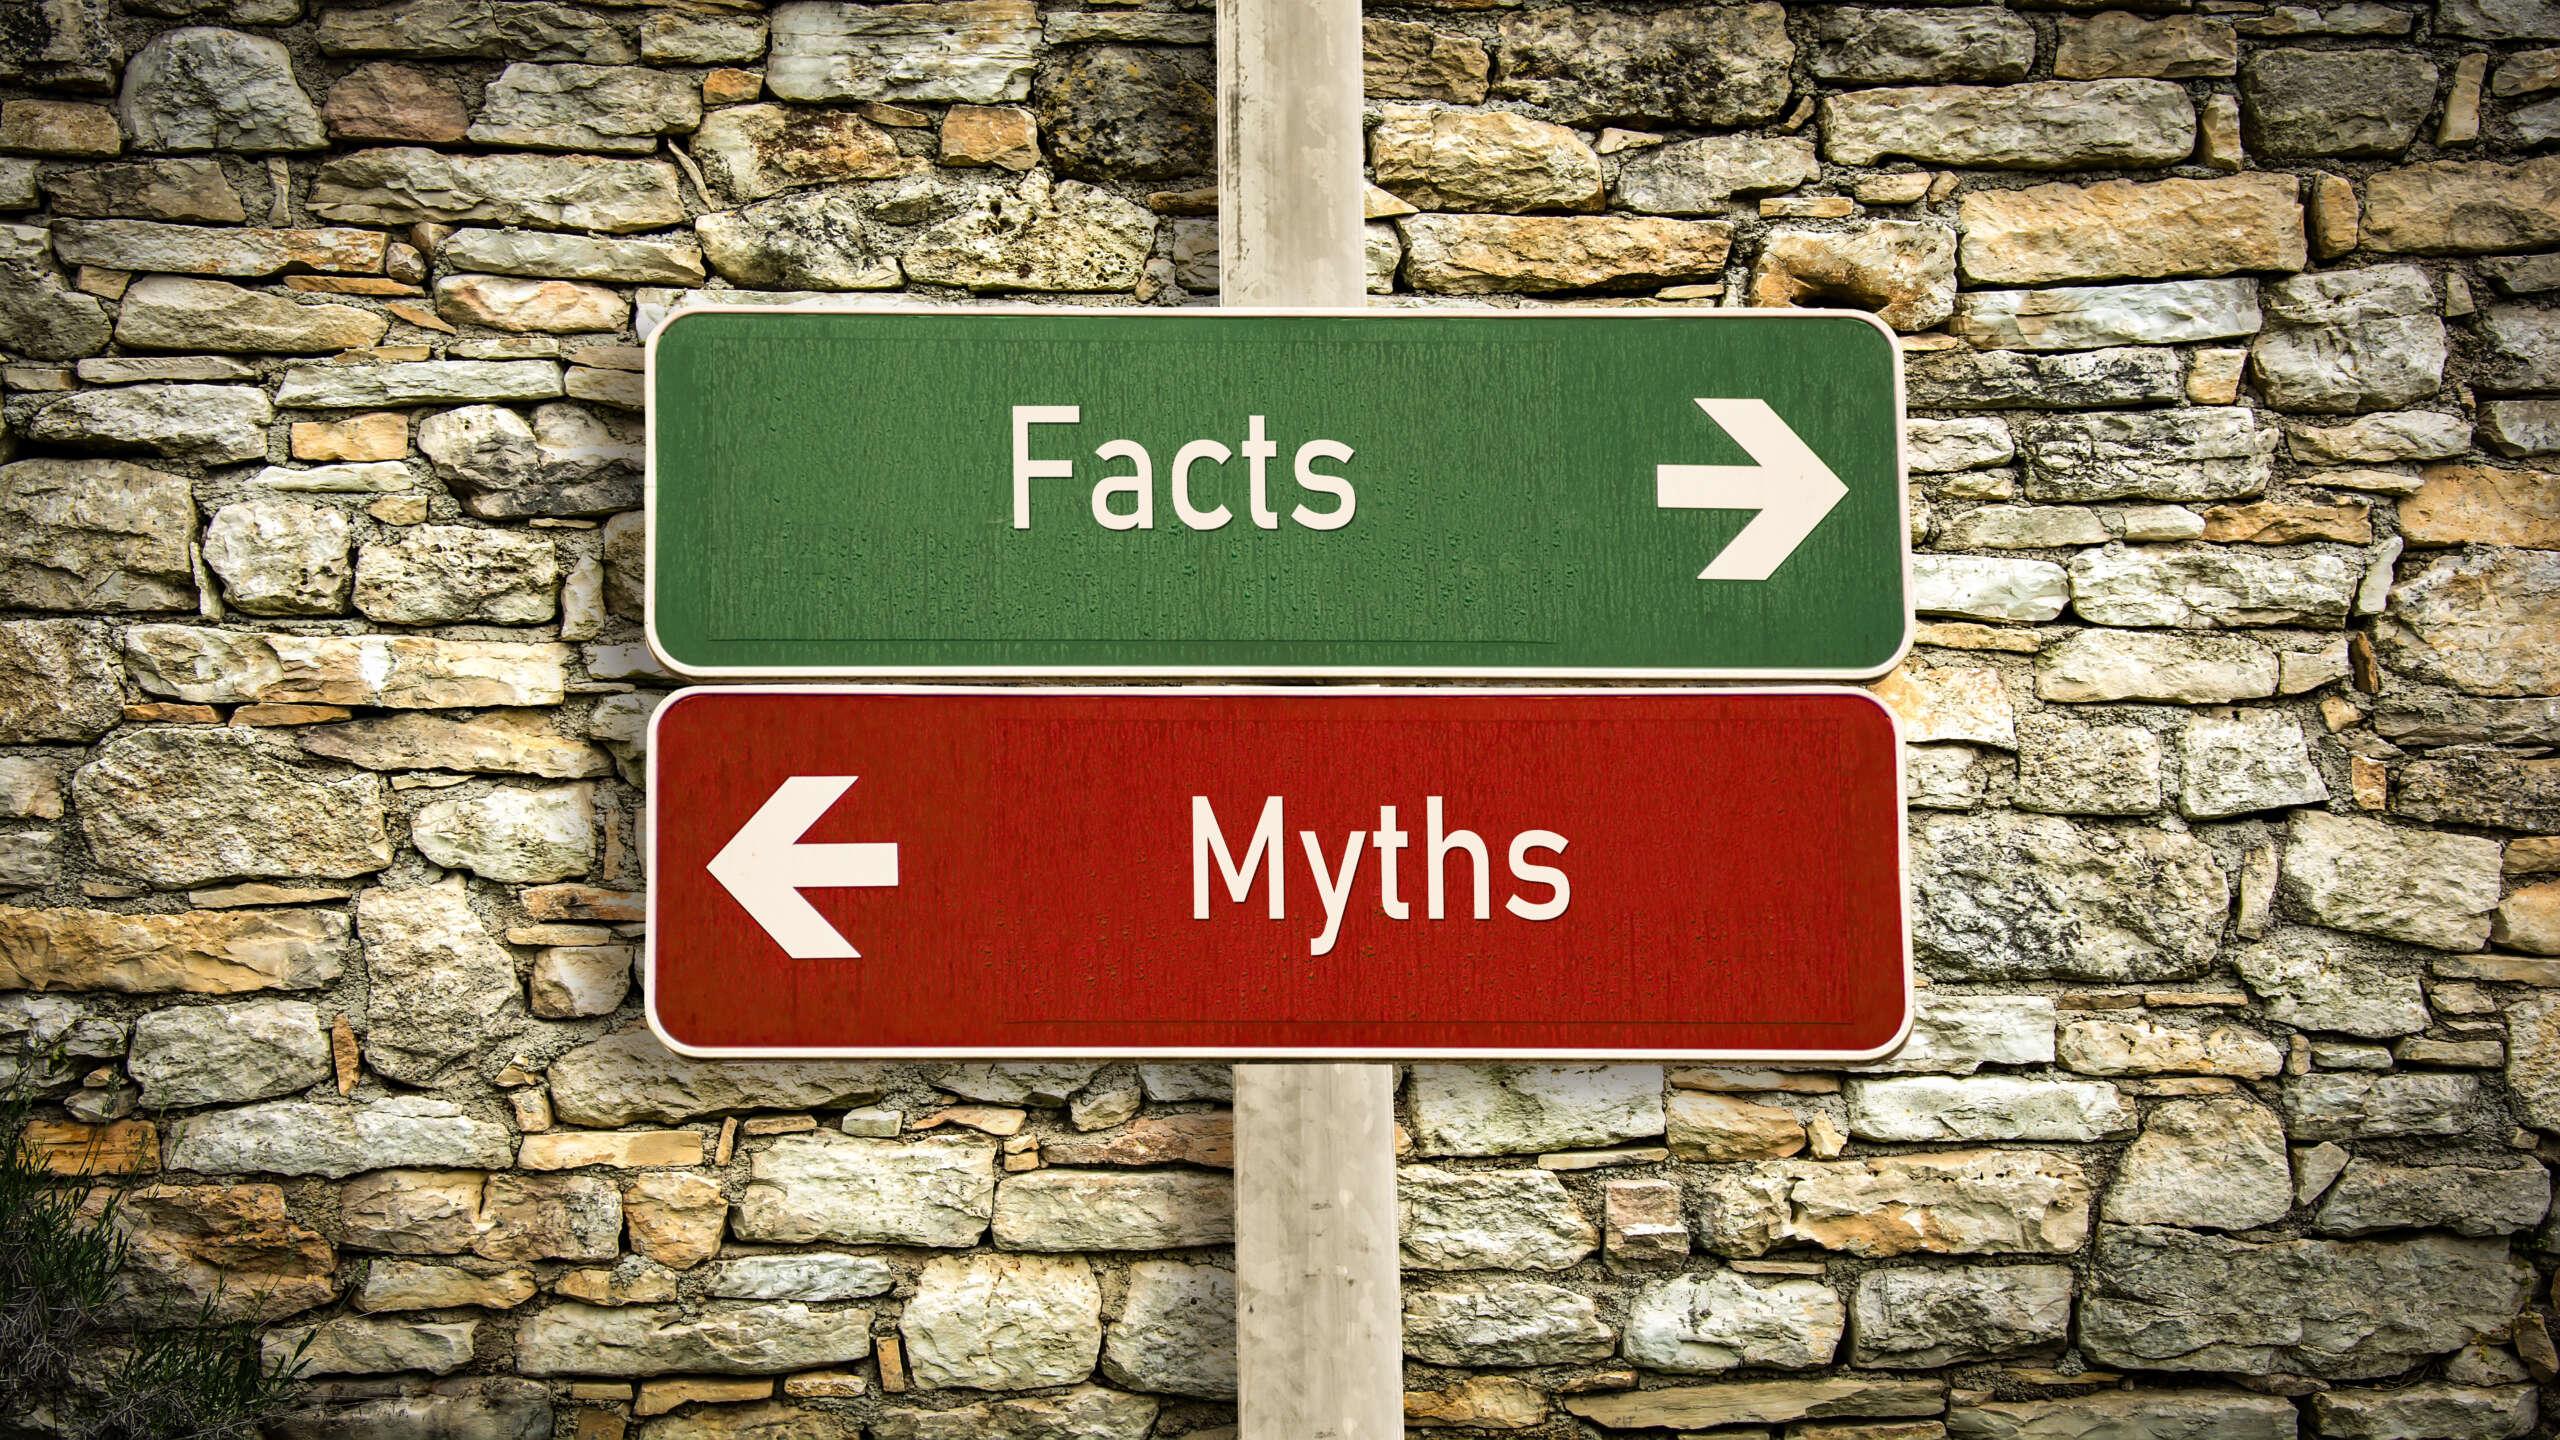 10 Common Car Insurance Myths